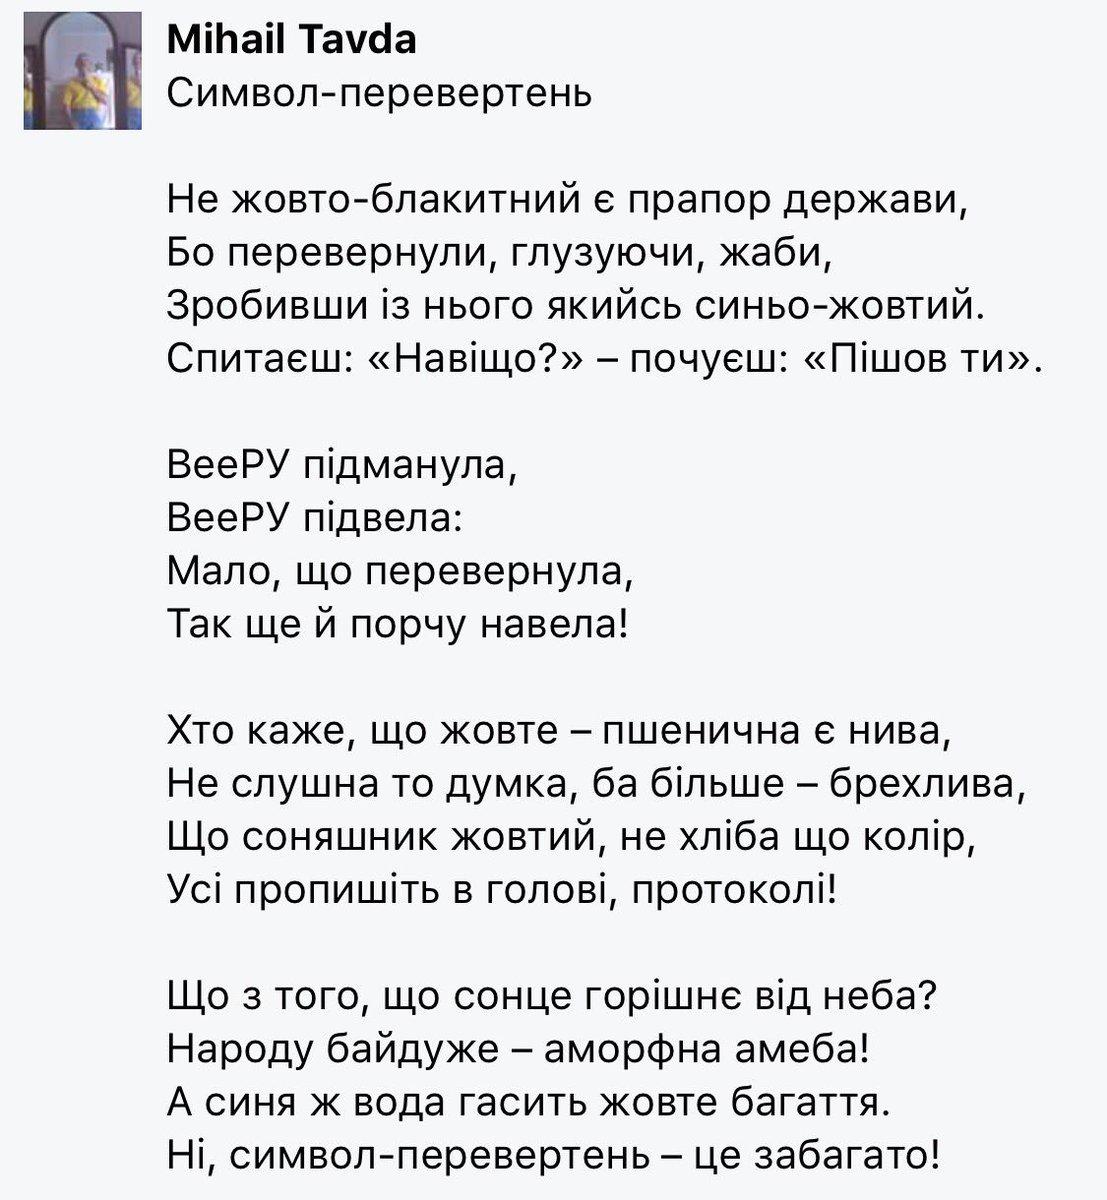 """Закон о Конституционном Суде опубликован в """"Голосе Украины"""": с завтрашнего дня он вступит в силу - Цензор.НЕТ 5405"""